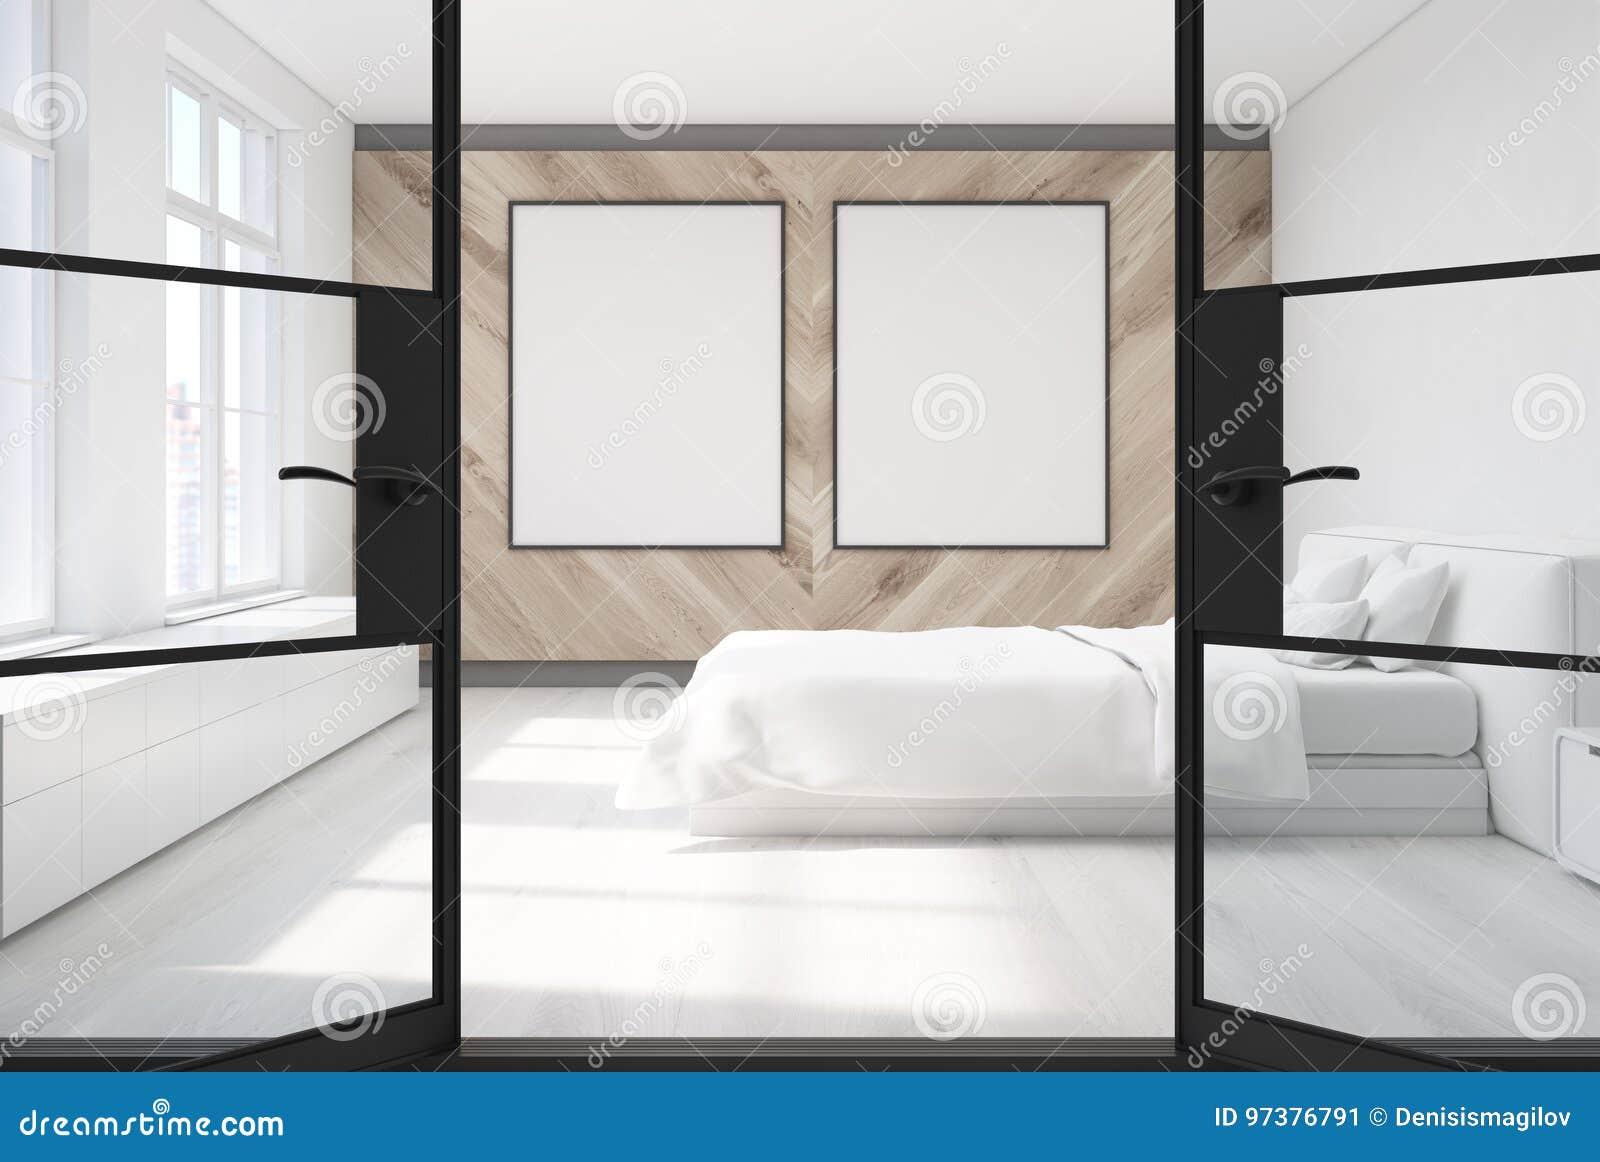 Holzernes Schlafzimmer Zwei Poster Tur Stock Abbildung